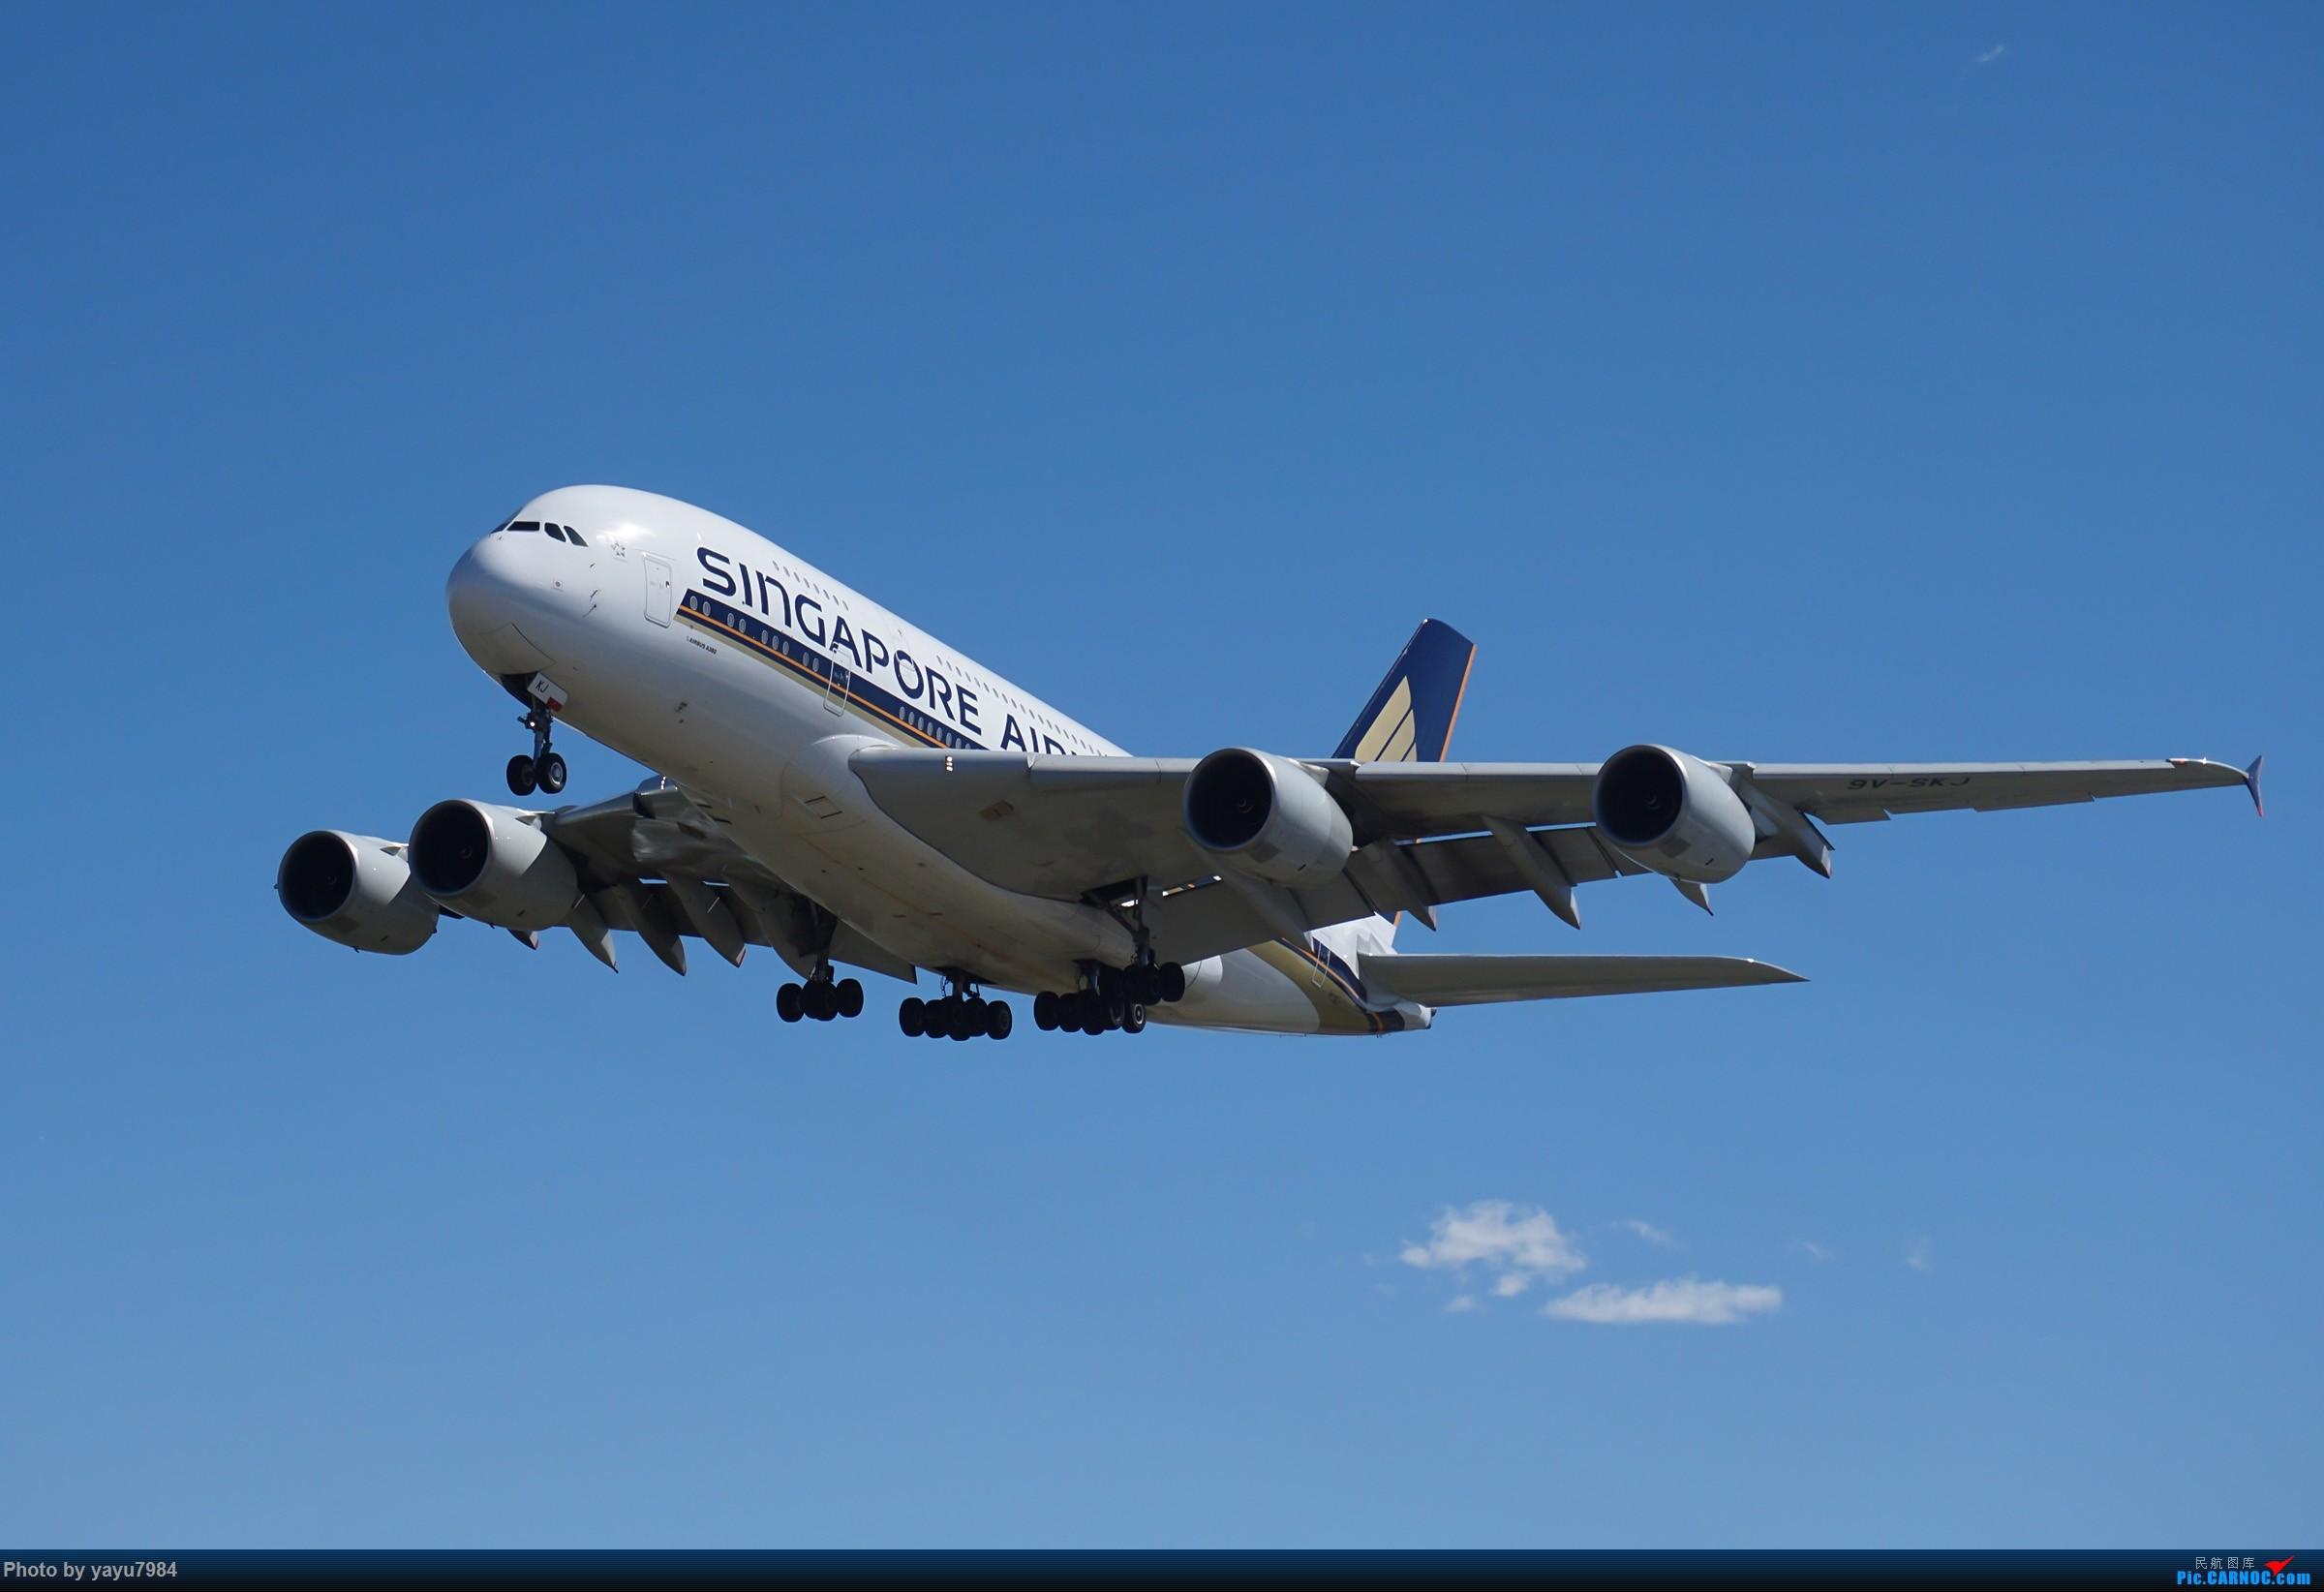 [原创][SYD] 东航天合332,雪绒花343,华航蓝鹊,以及其他日常货 AIRBUS A380-800 9V-SKJ 澳大利亚悉尼金斯福德·史密斯机场